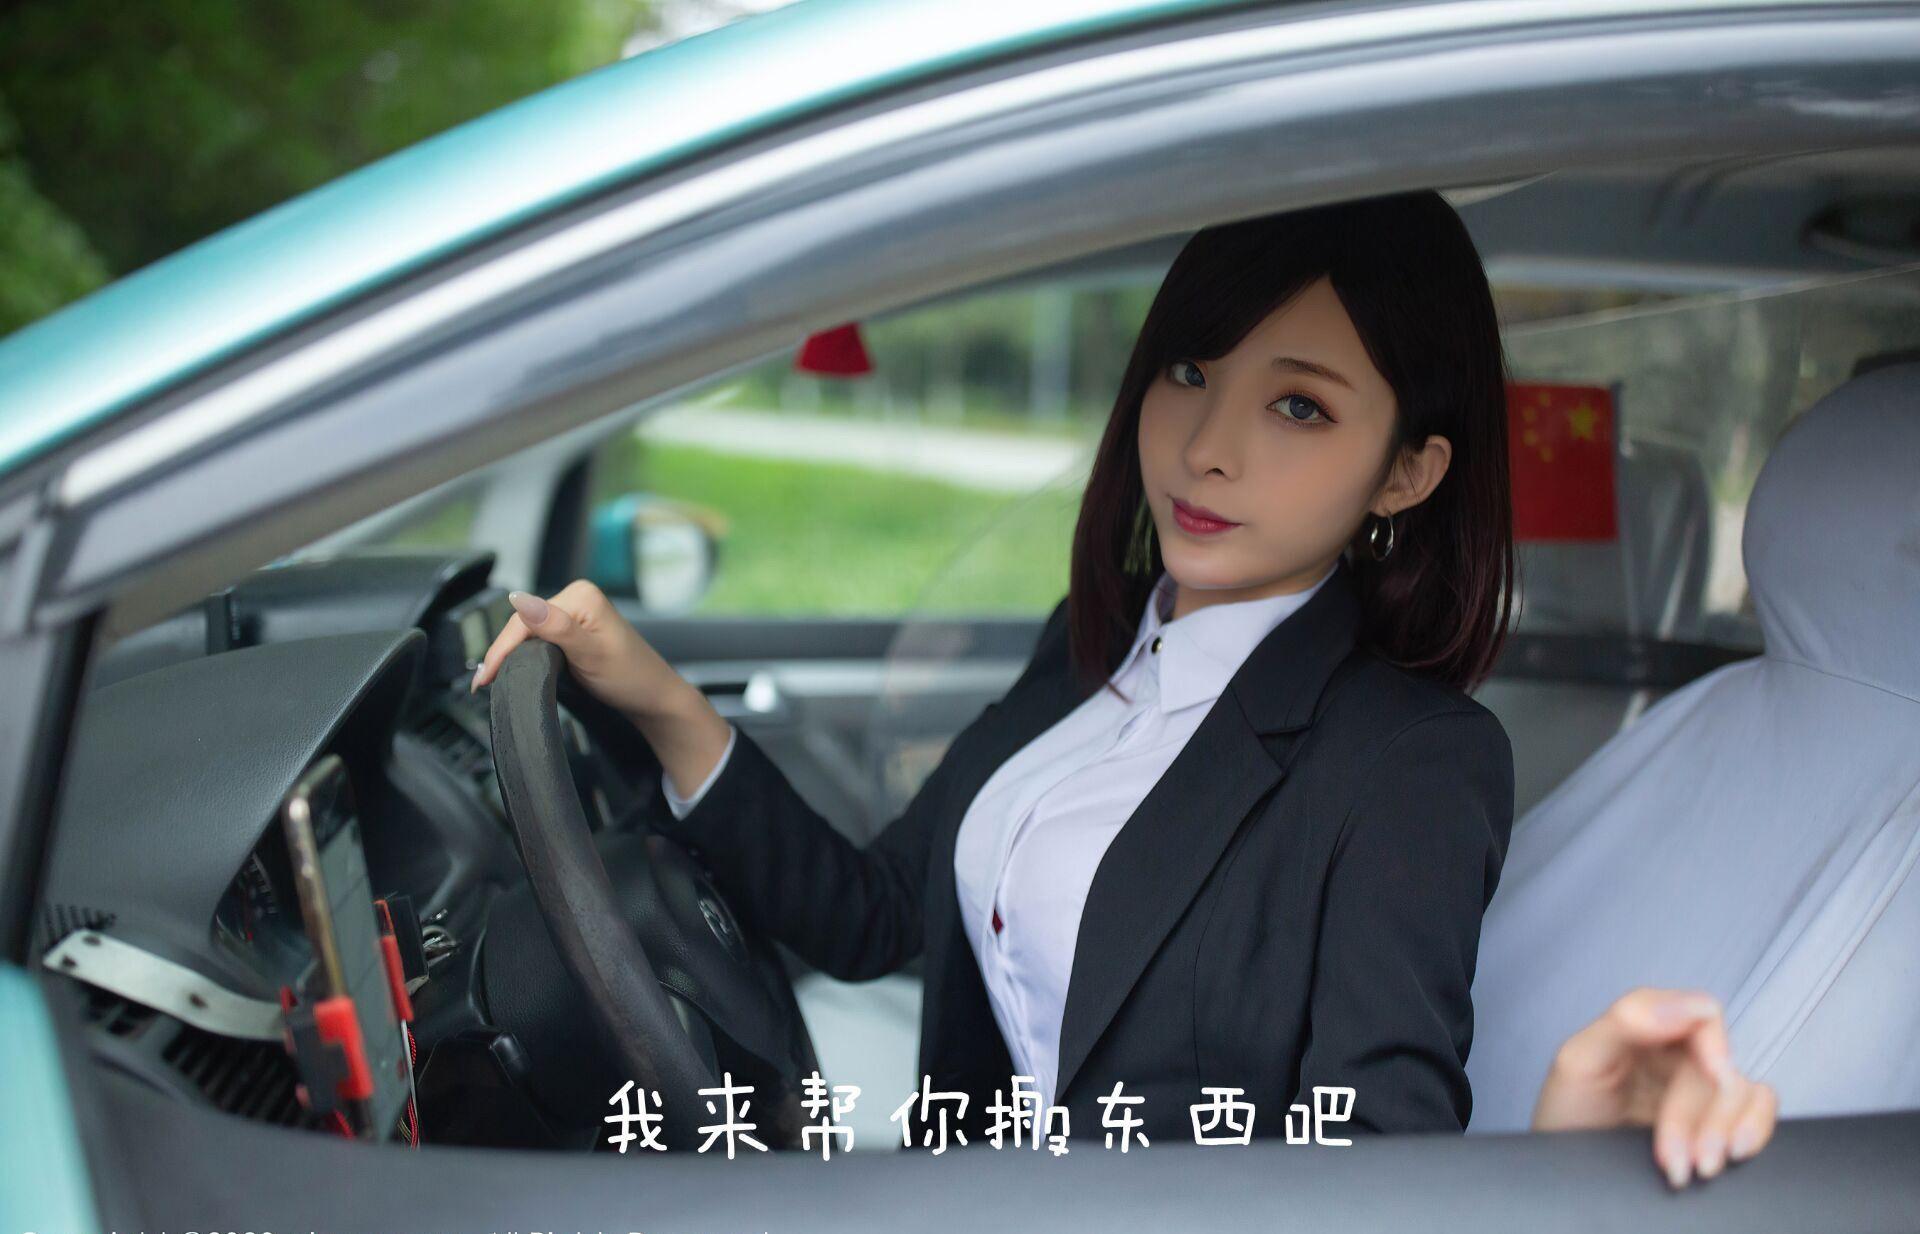 图片[7]-【剧情mietu】我和出租车女司机的邂逅故事-大鹏资源网